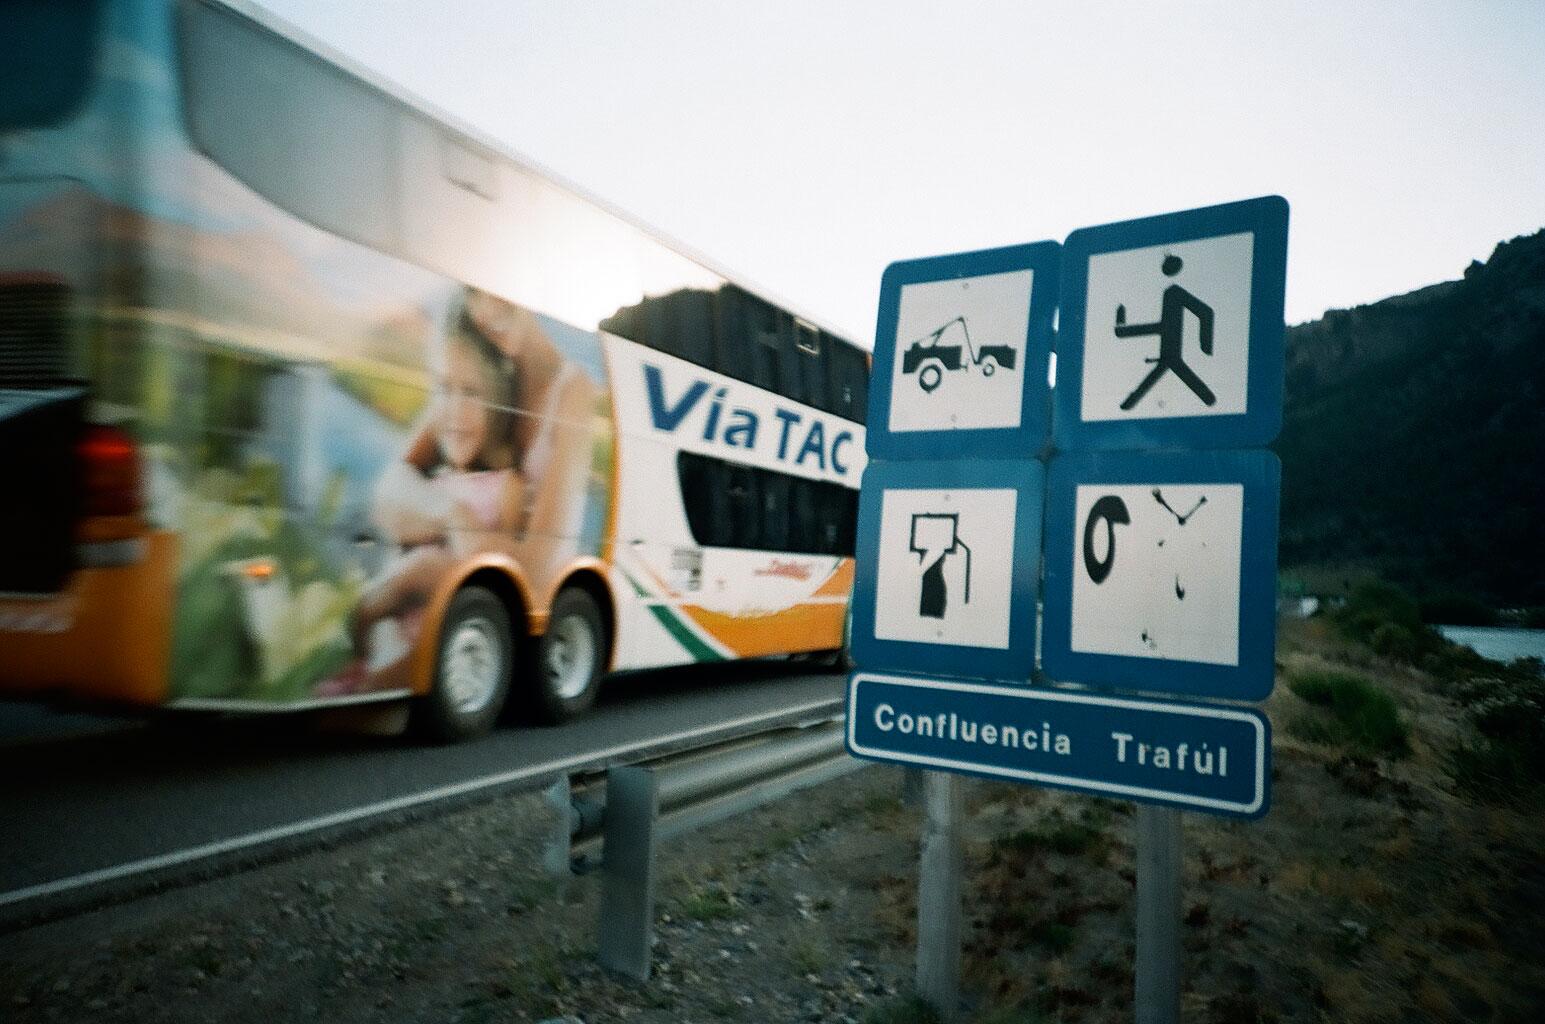 Der Reisebus ist das wichtigste öffentliche Transportmittel Argentiniens. Entsprechend häufig sieht man die unterschiedlich luxuriös ausgestatteten Busse fast überall. Foto: Lothar Ruttner